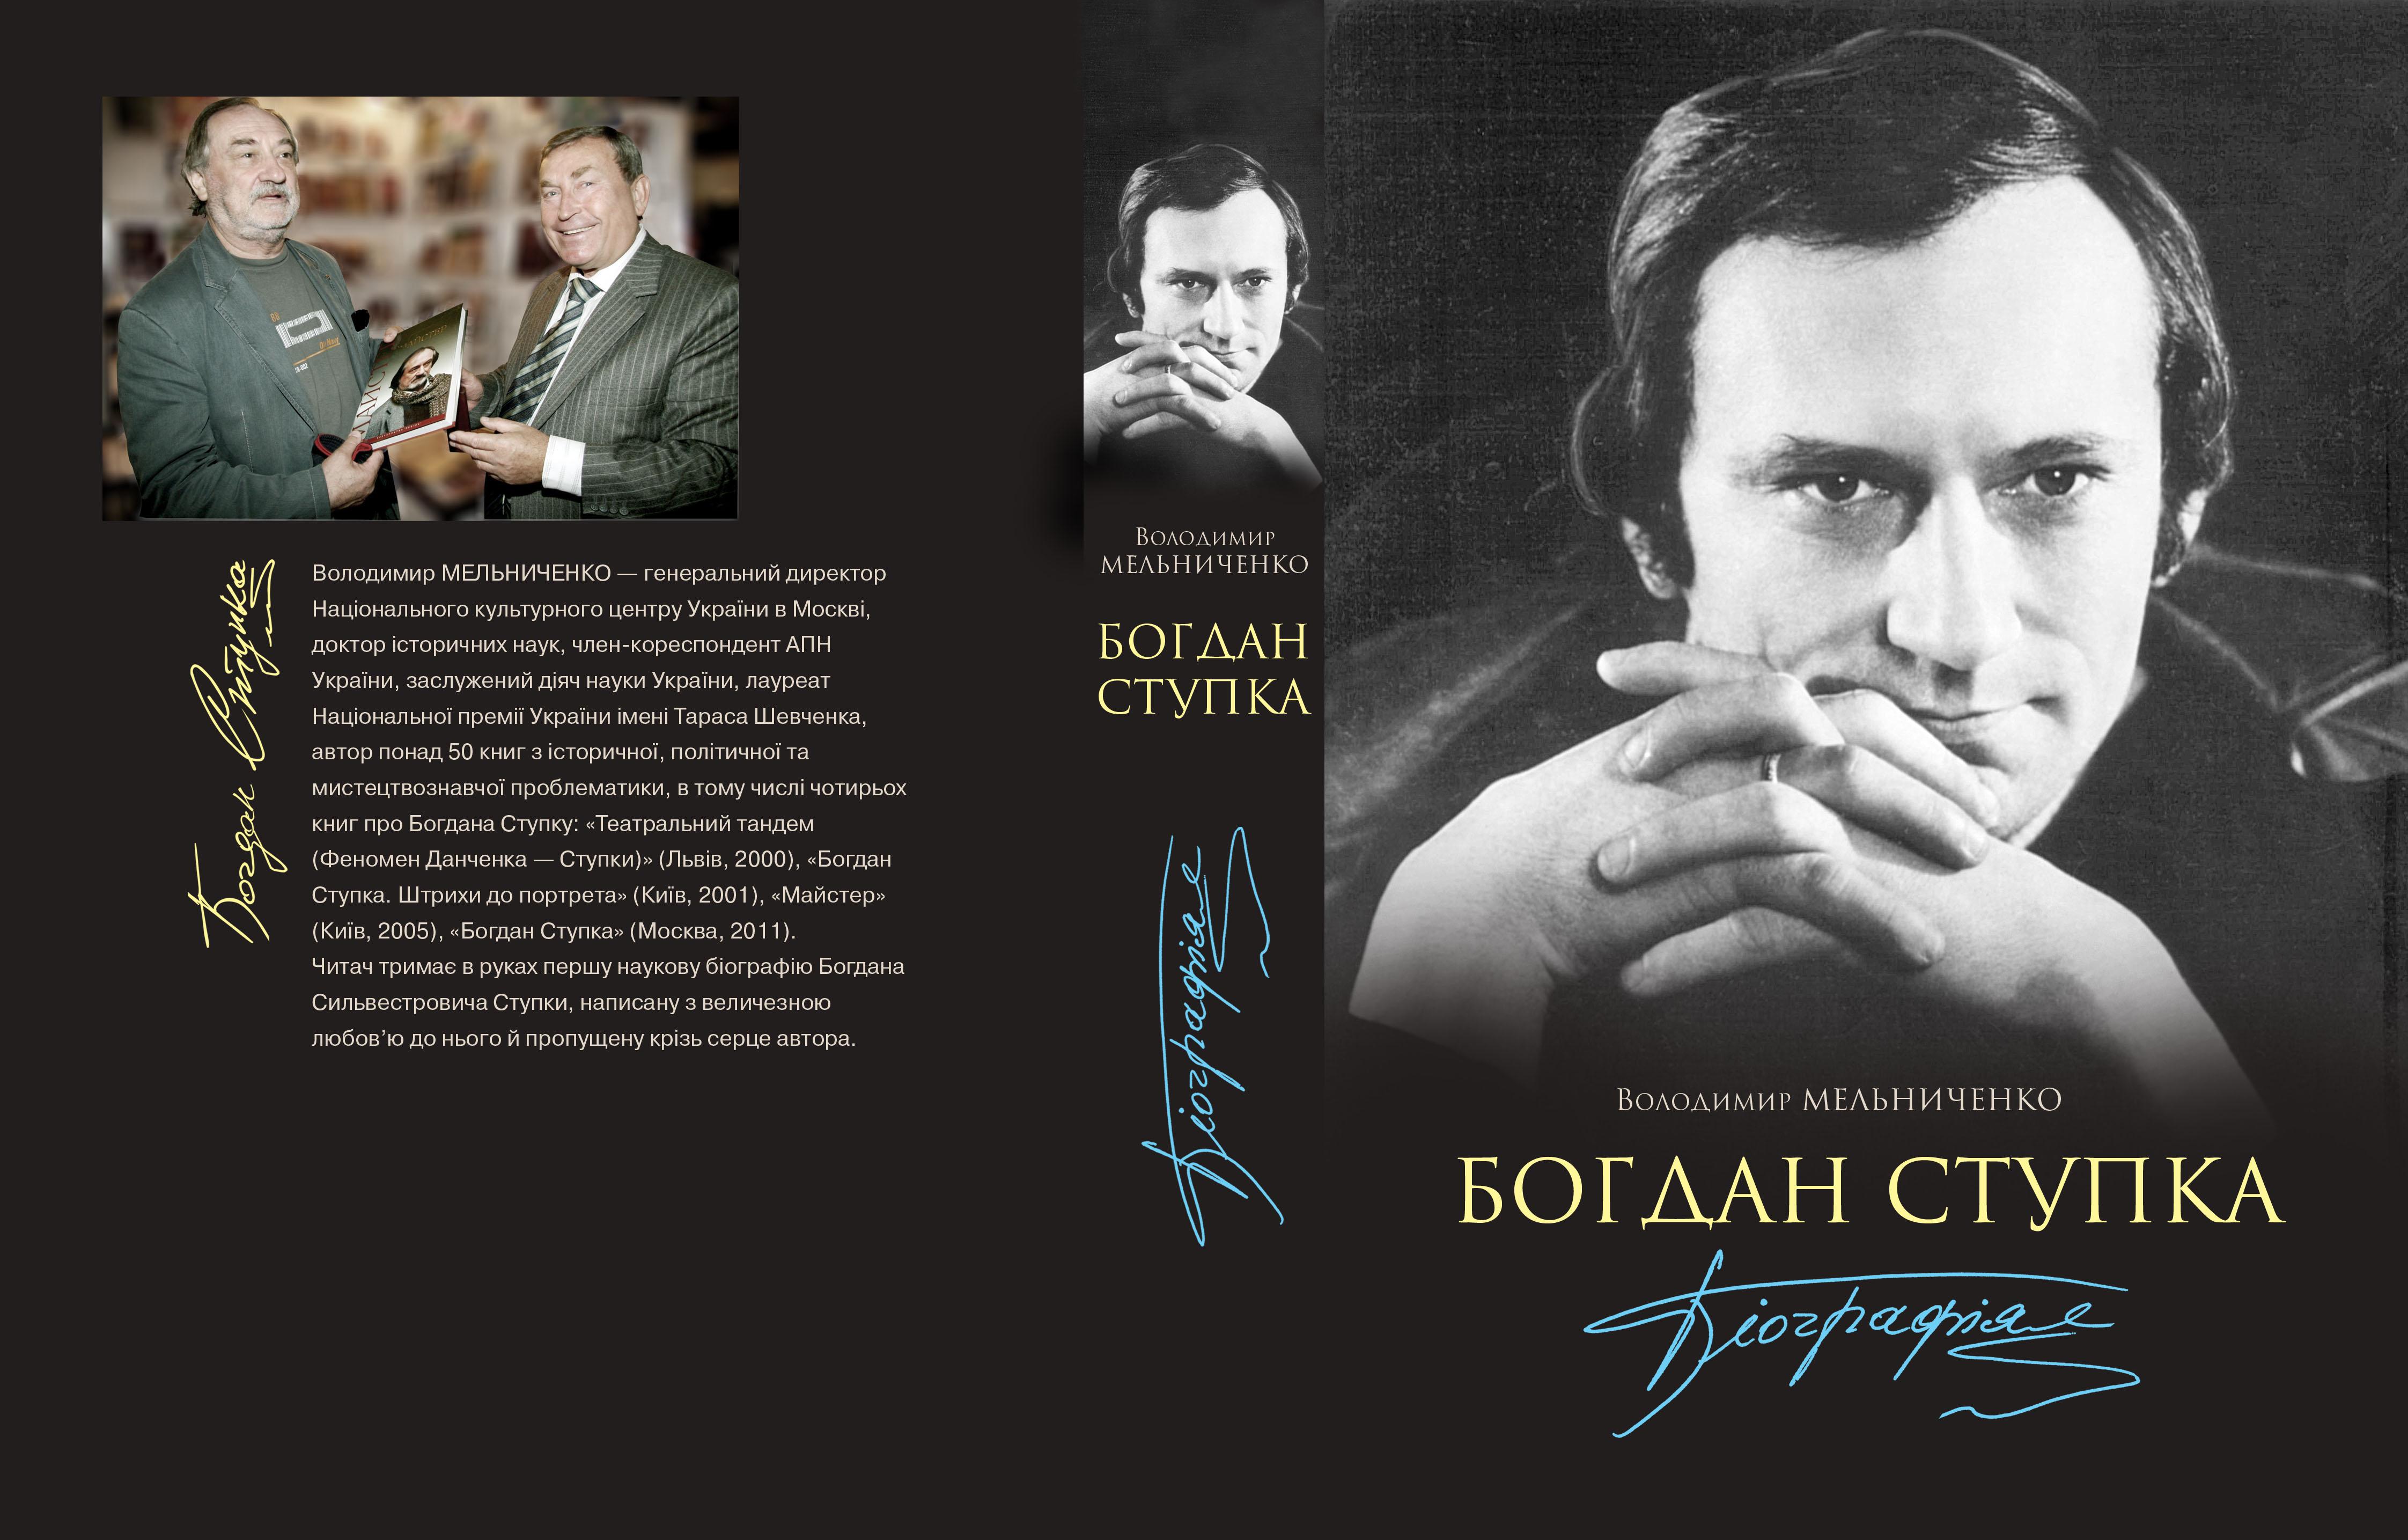 Biografia_Bogdan_Stupka_2_5-2